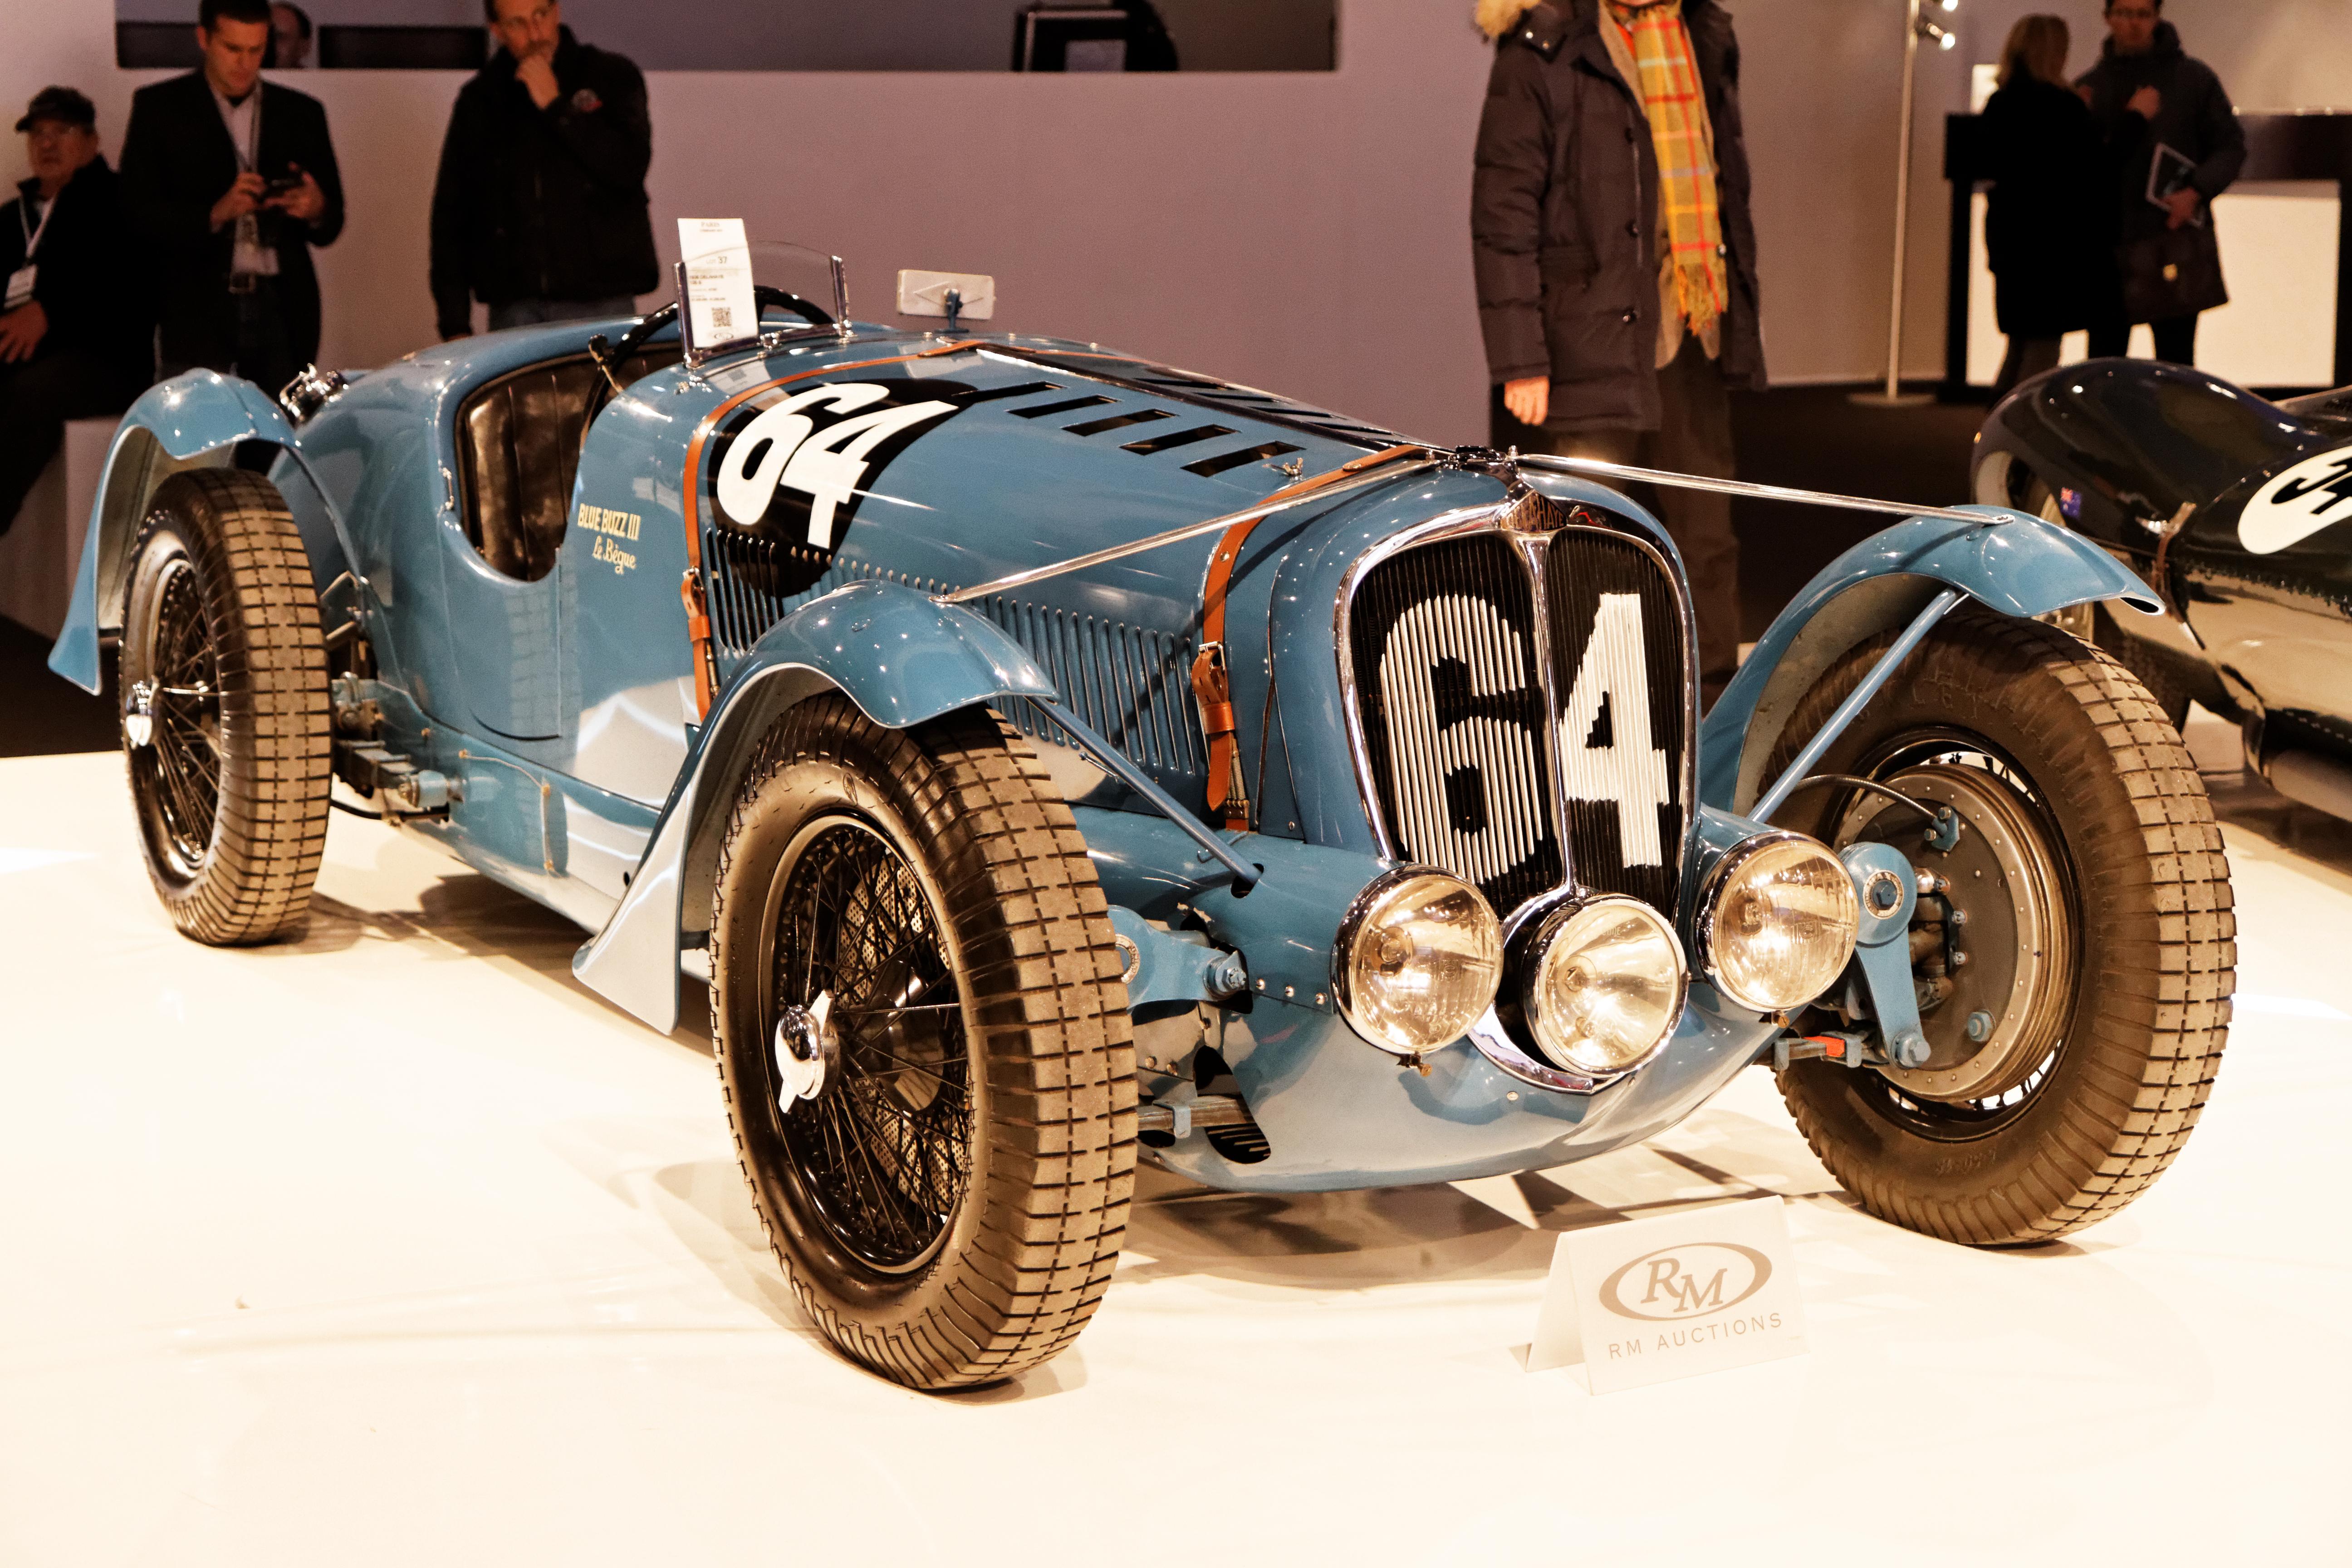 File:Paris - RM Auctions - 5 février 2014 -Delahaye 135 S - 1936 ...